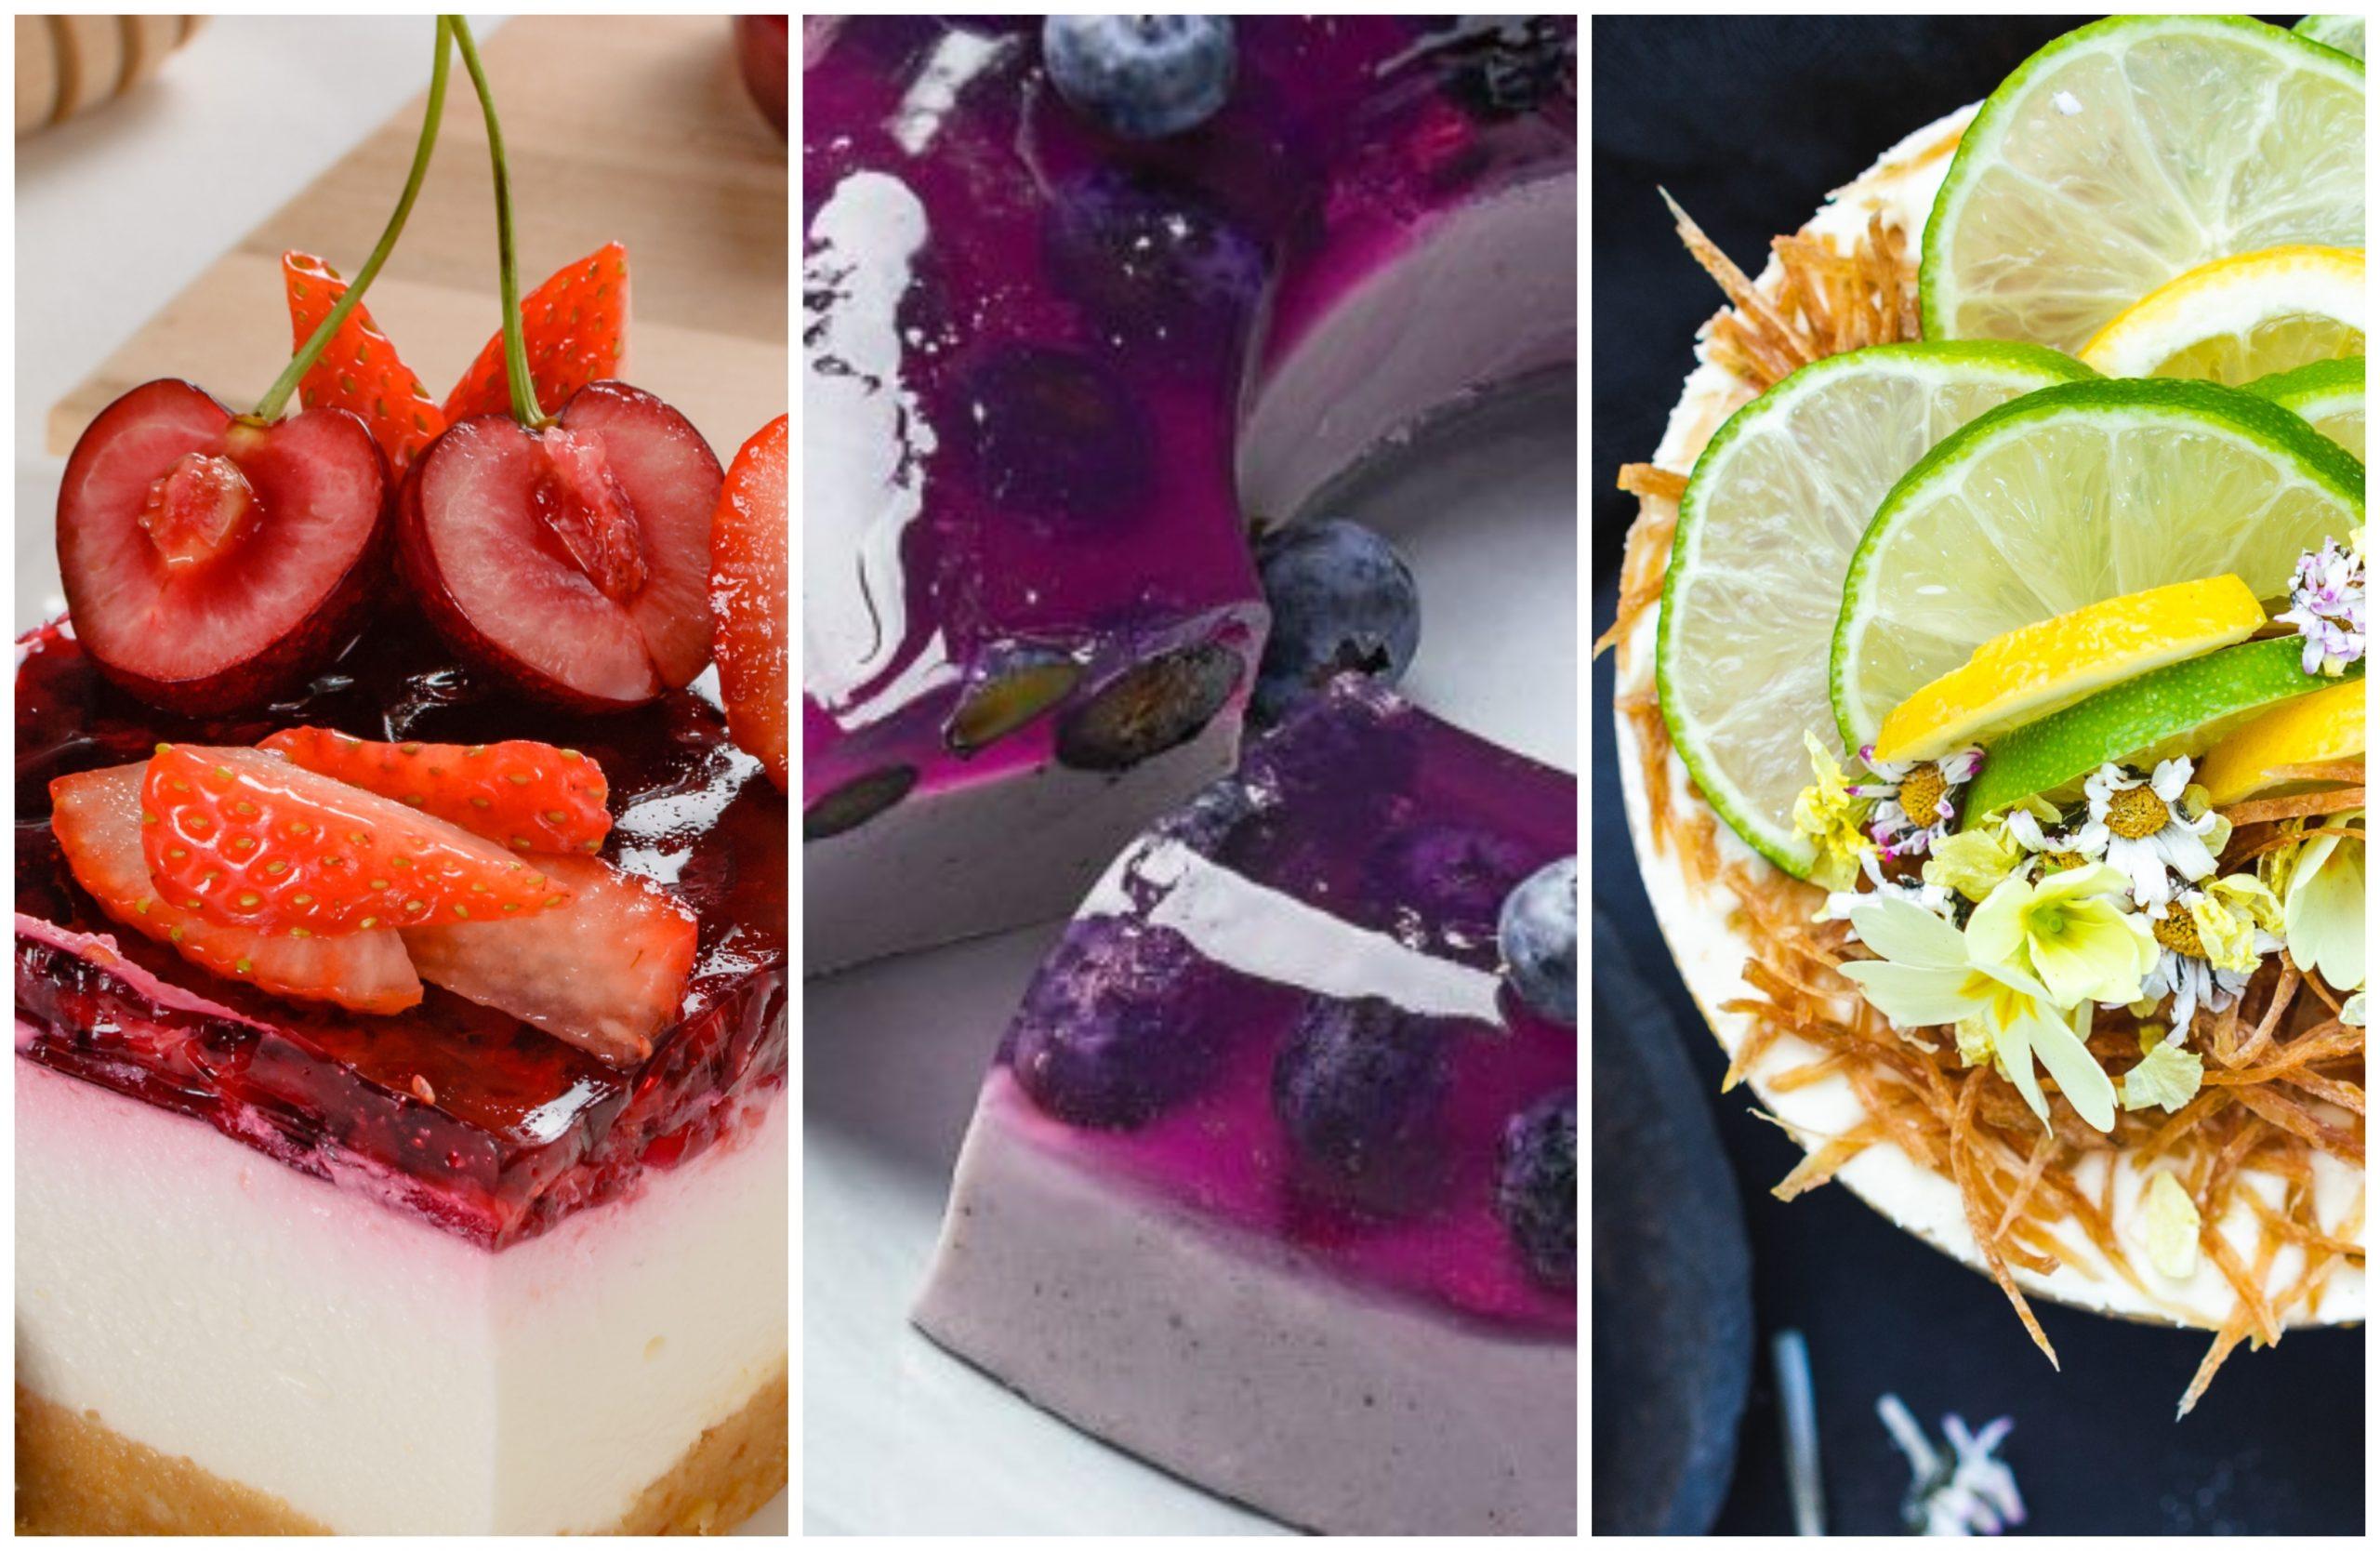 Cuatro recetas de postres con gelatina para compartir en familia